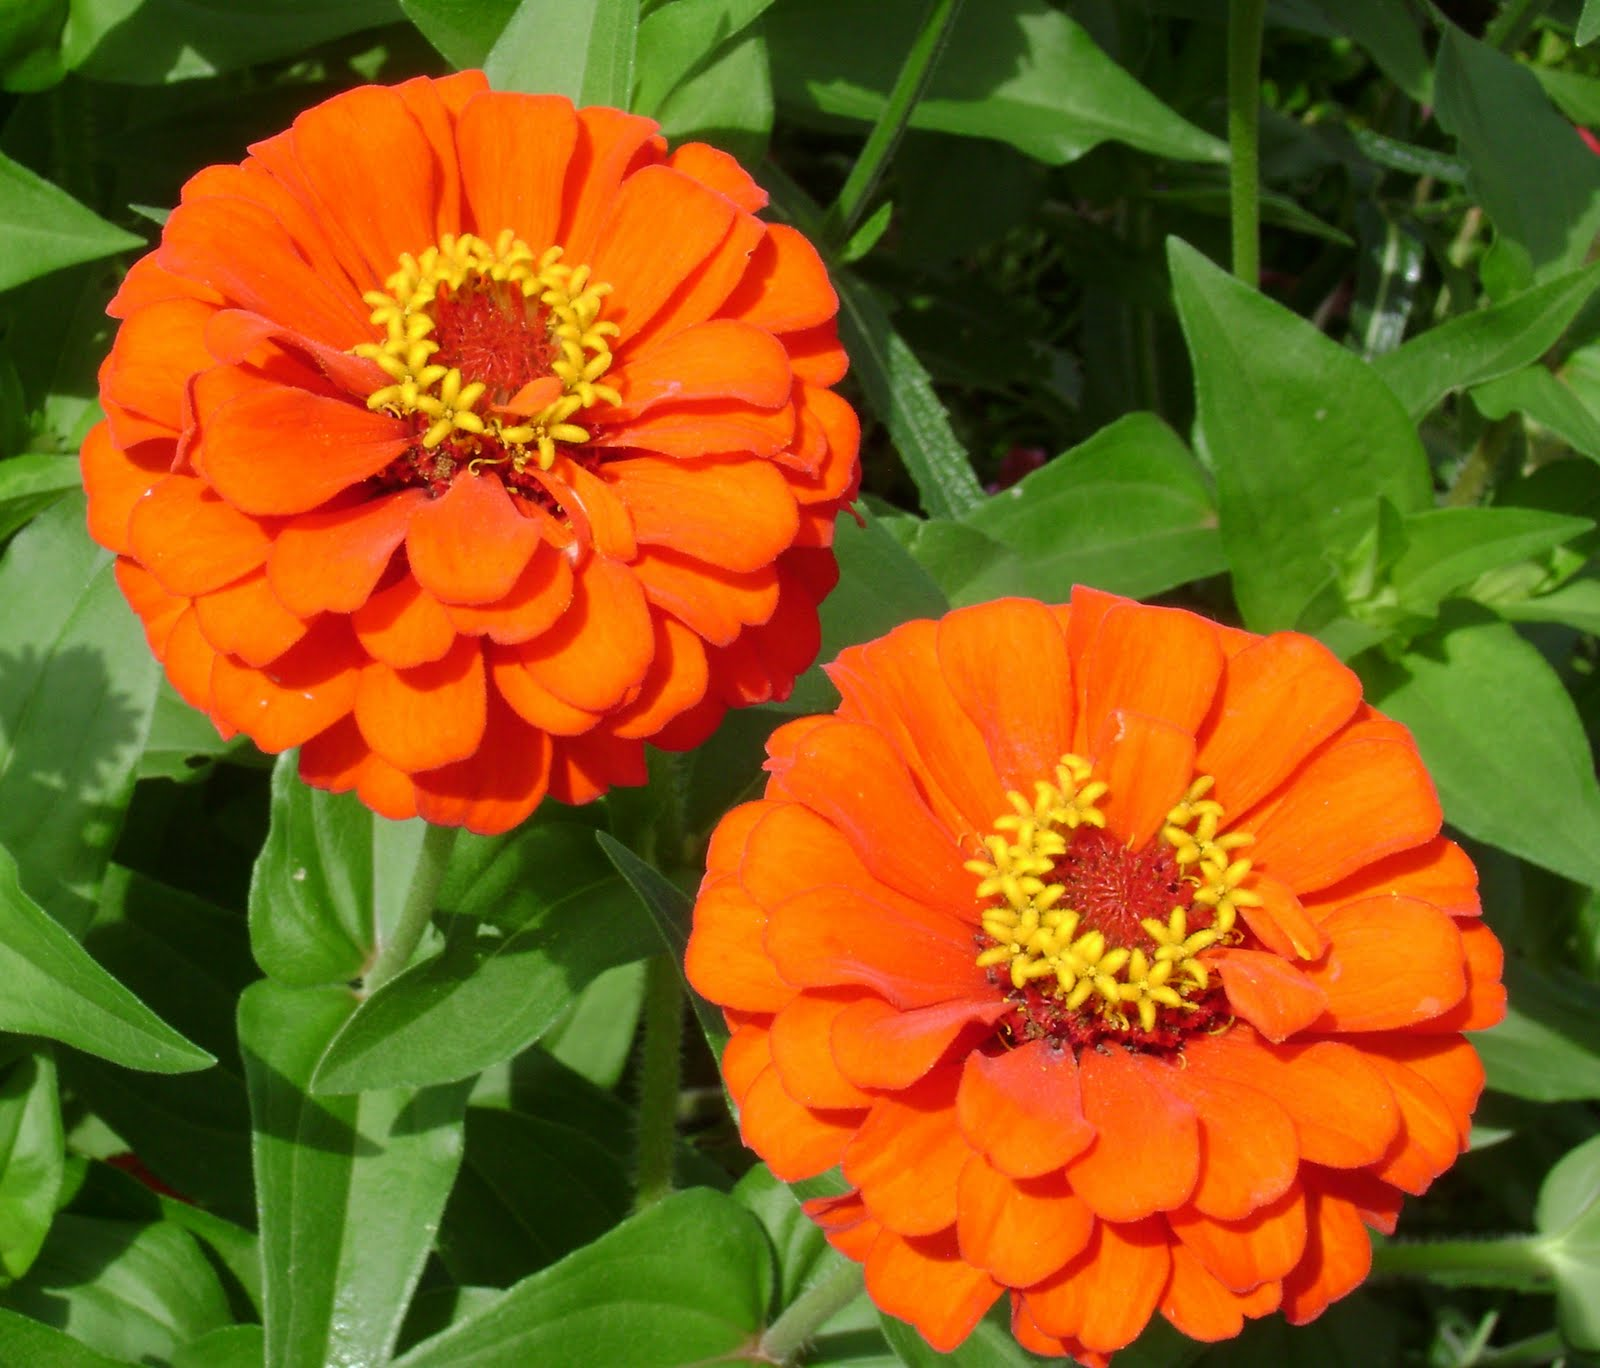 Fiori Arancioni Nomi.Linguaggio Dei Fiori Di Colore Arancione Il Giardino Del Tempo